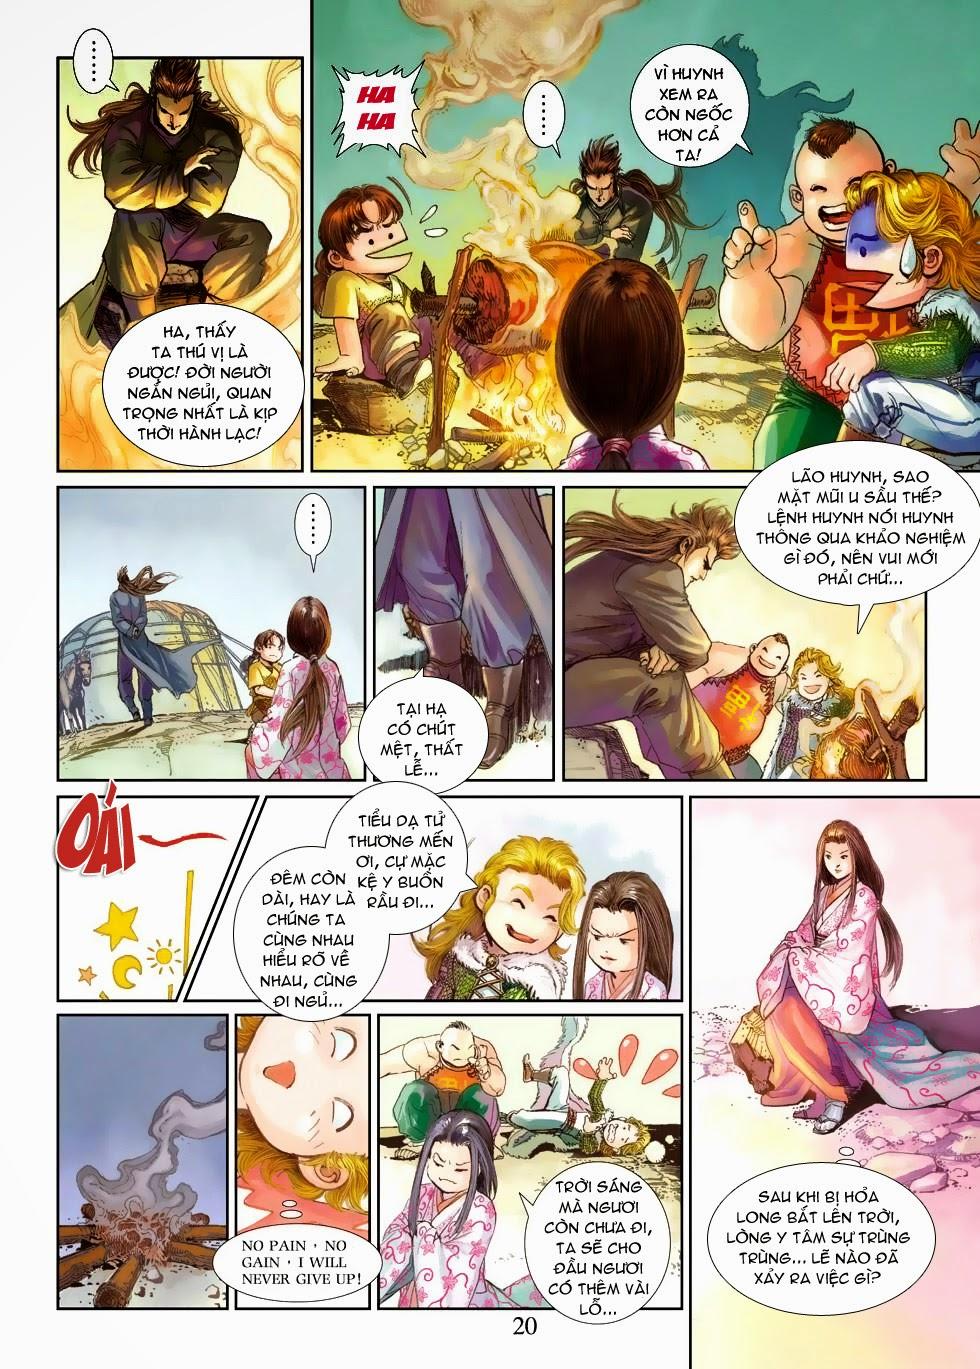 Thần Binh Tiền Truyện 4 - Huyền Thiên Tà Đế chap 3 - Trang 20